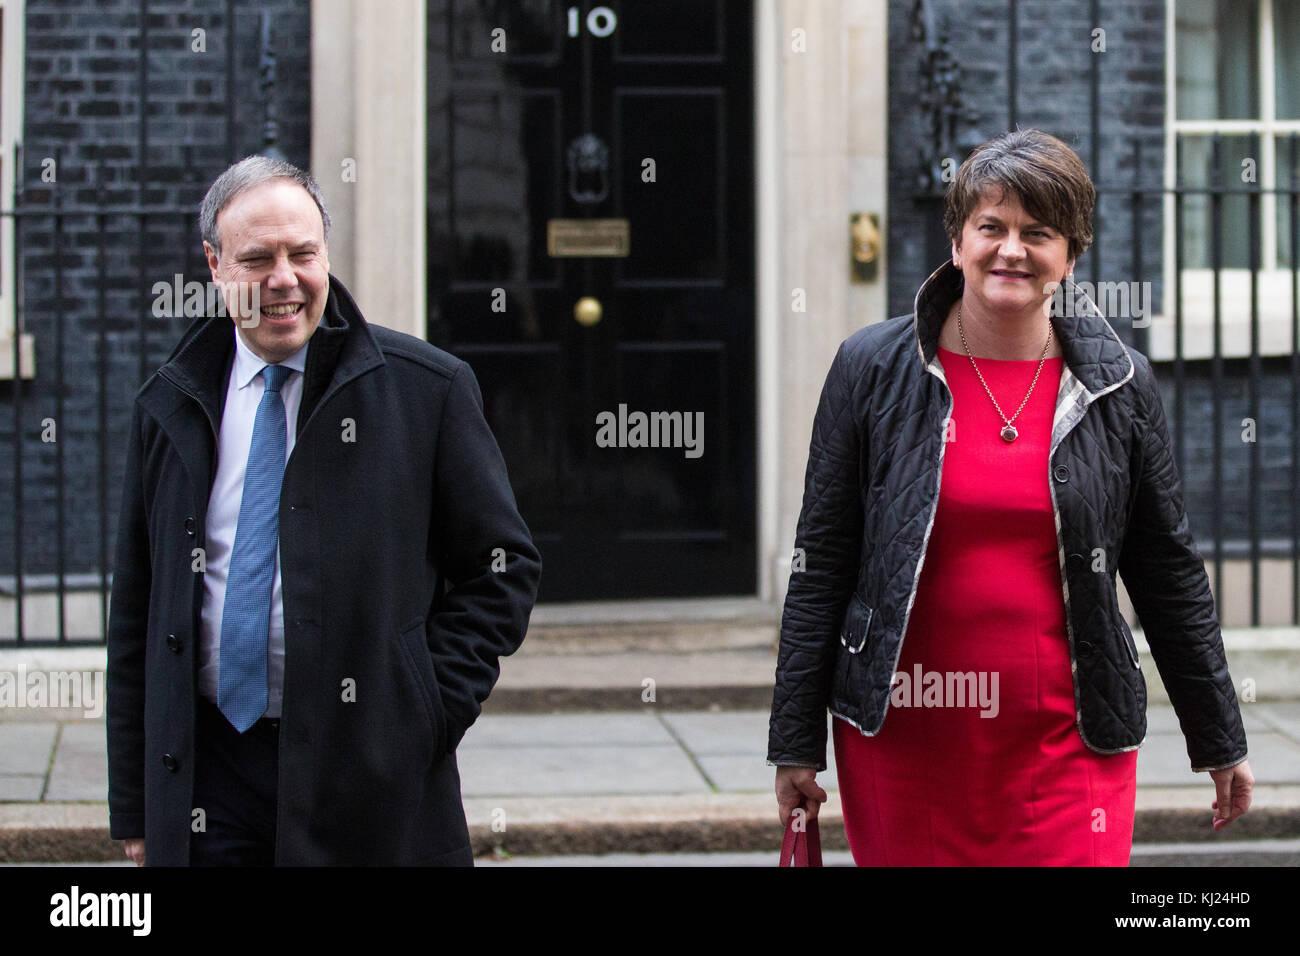 London, UK. 21st November, 2017. DUP leader Arlene Foster and deputy leader Nigel Dodds leave 10 Downing Street - Stock Image